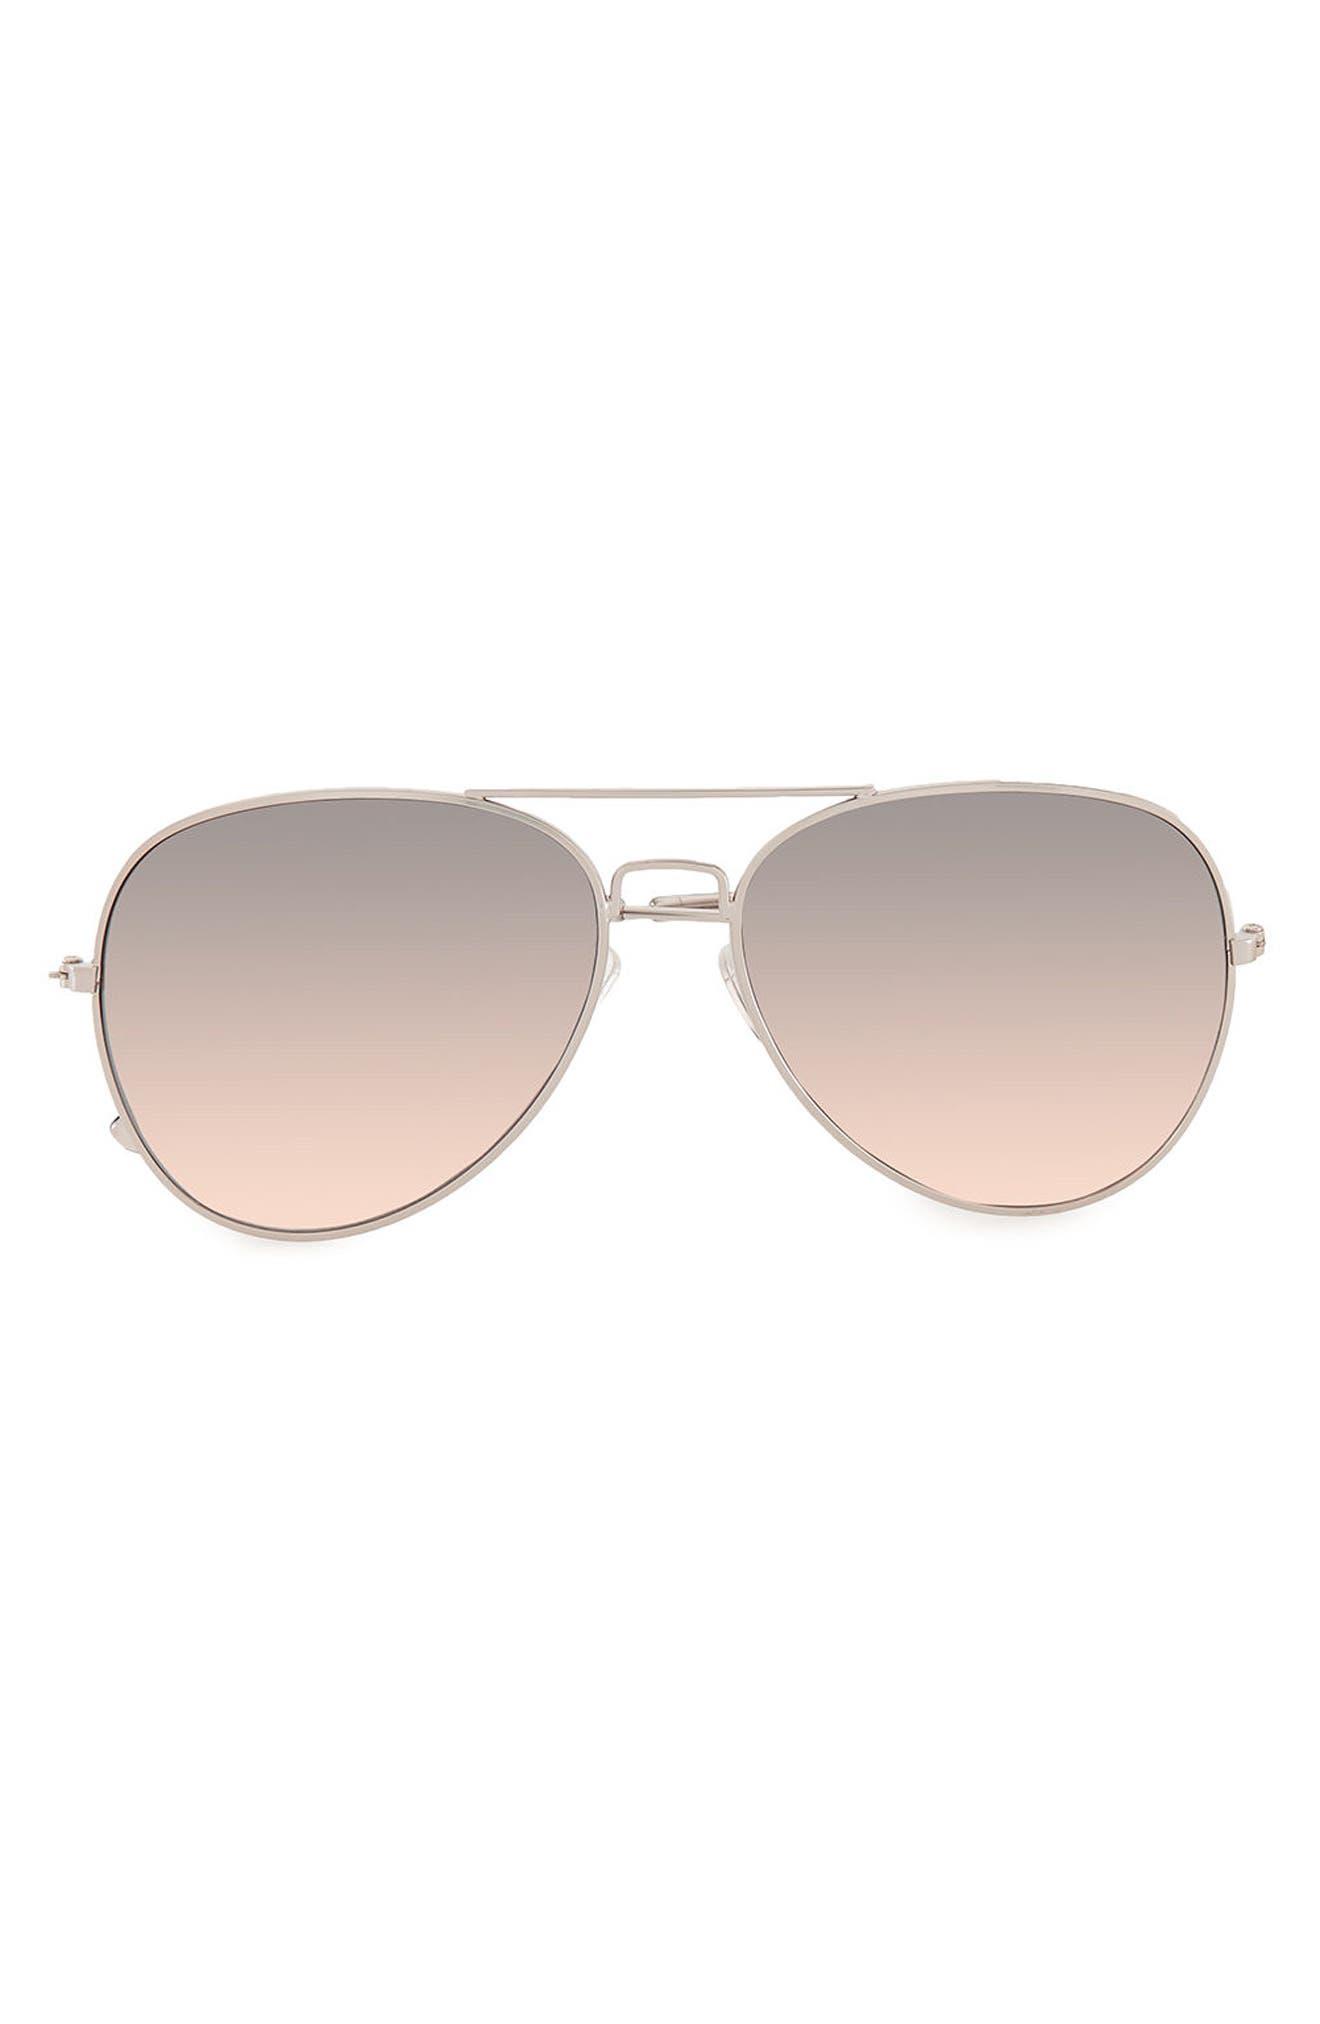 Main Image - Topman 58mm Mirrored Aviator Sunglasses